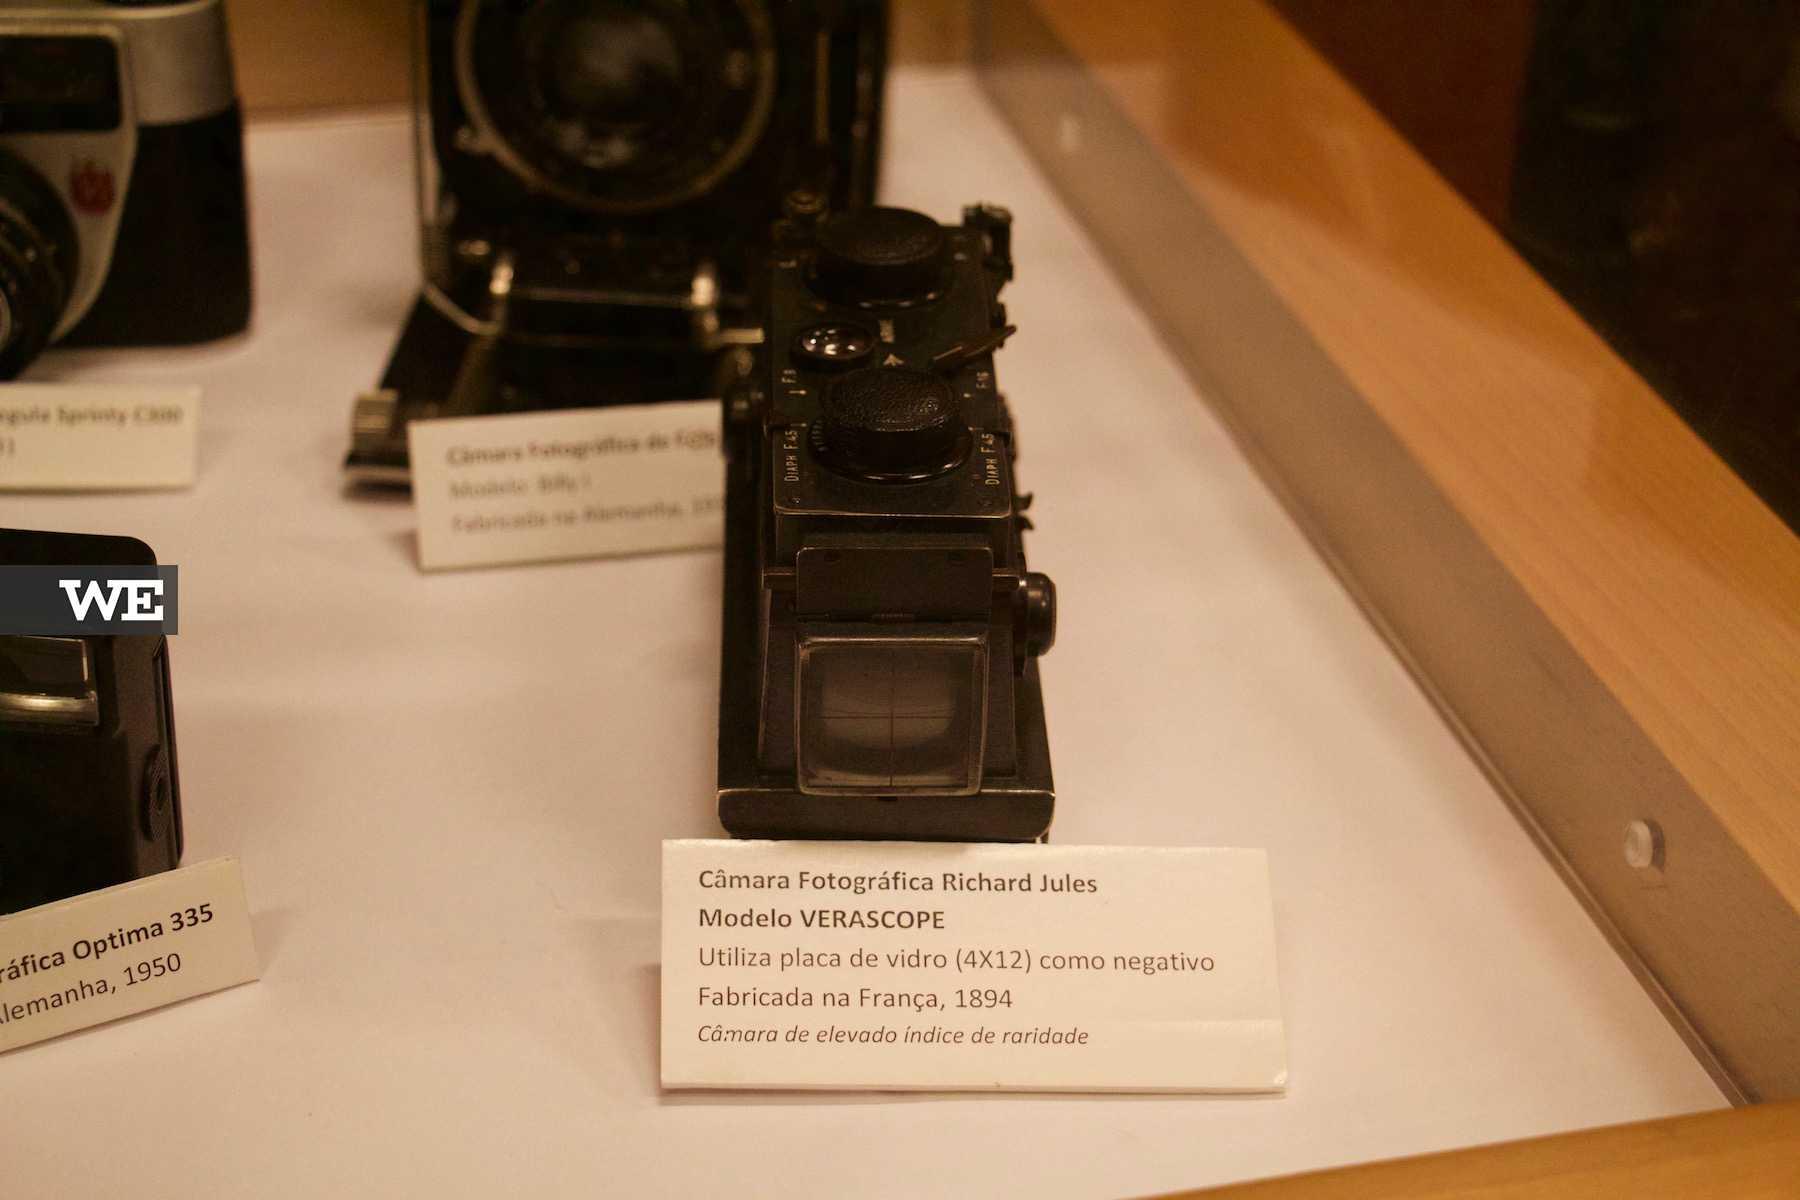 Museu da Imagem - Braga